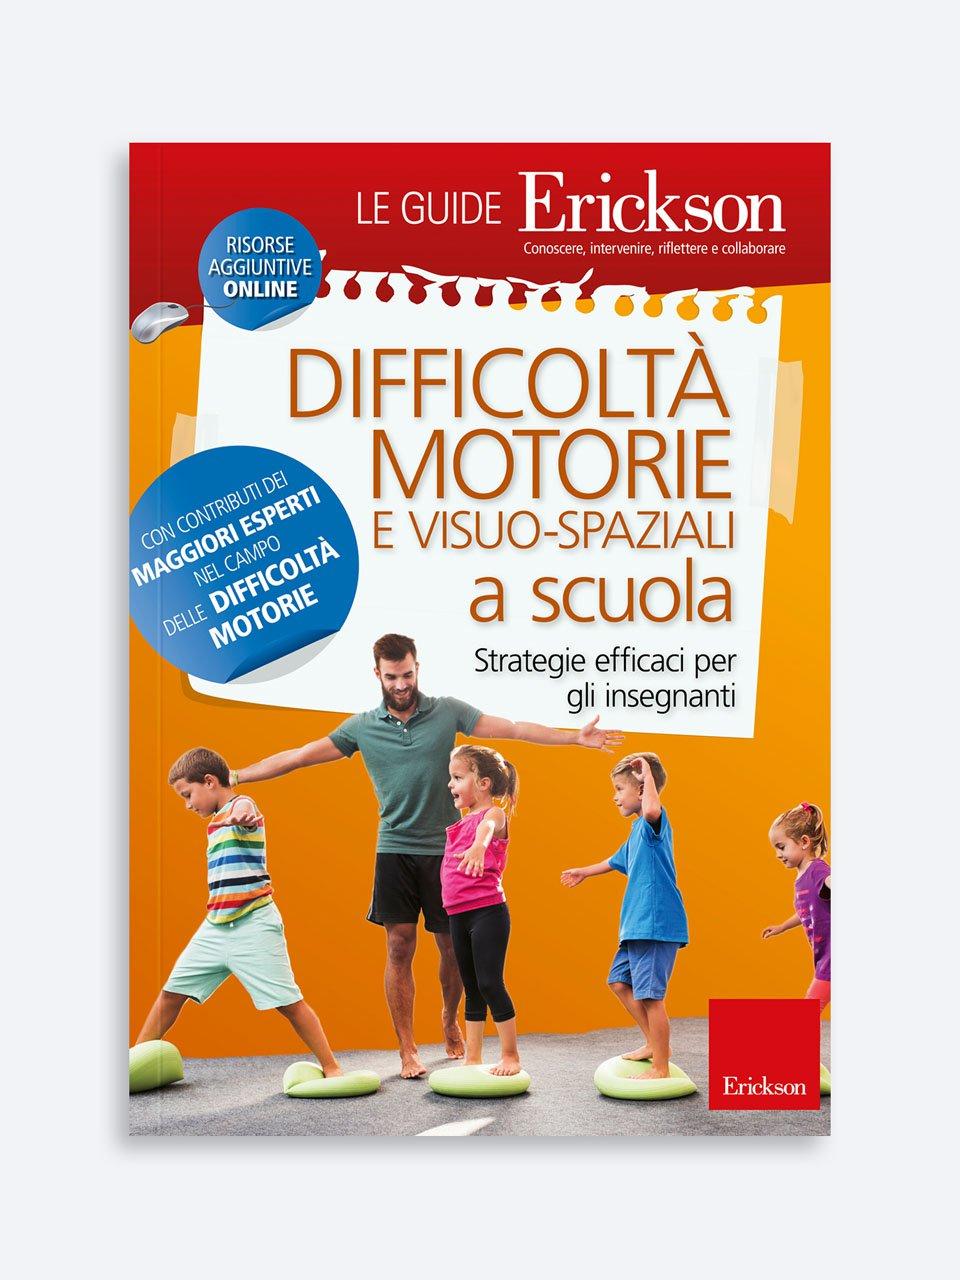 Difficoltà motorie e visuo-spaziali a scuola - Quattro stagioni per giocare - Libri - Erickson